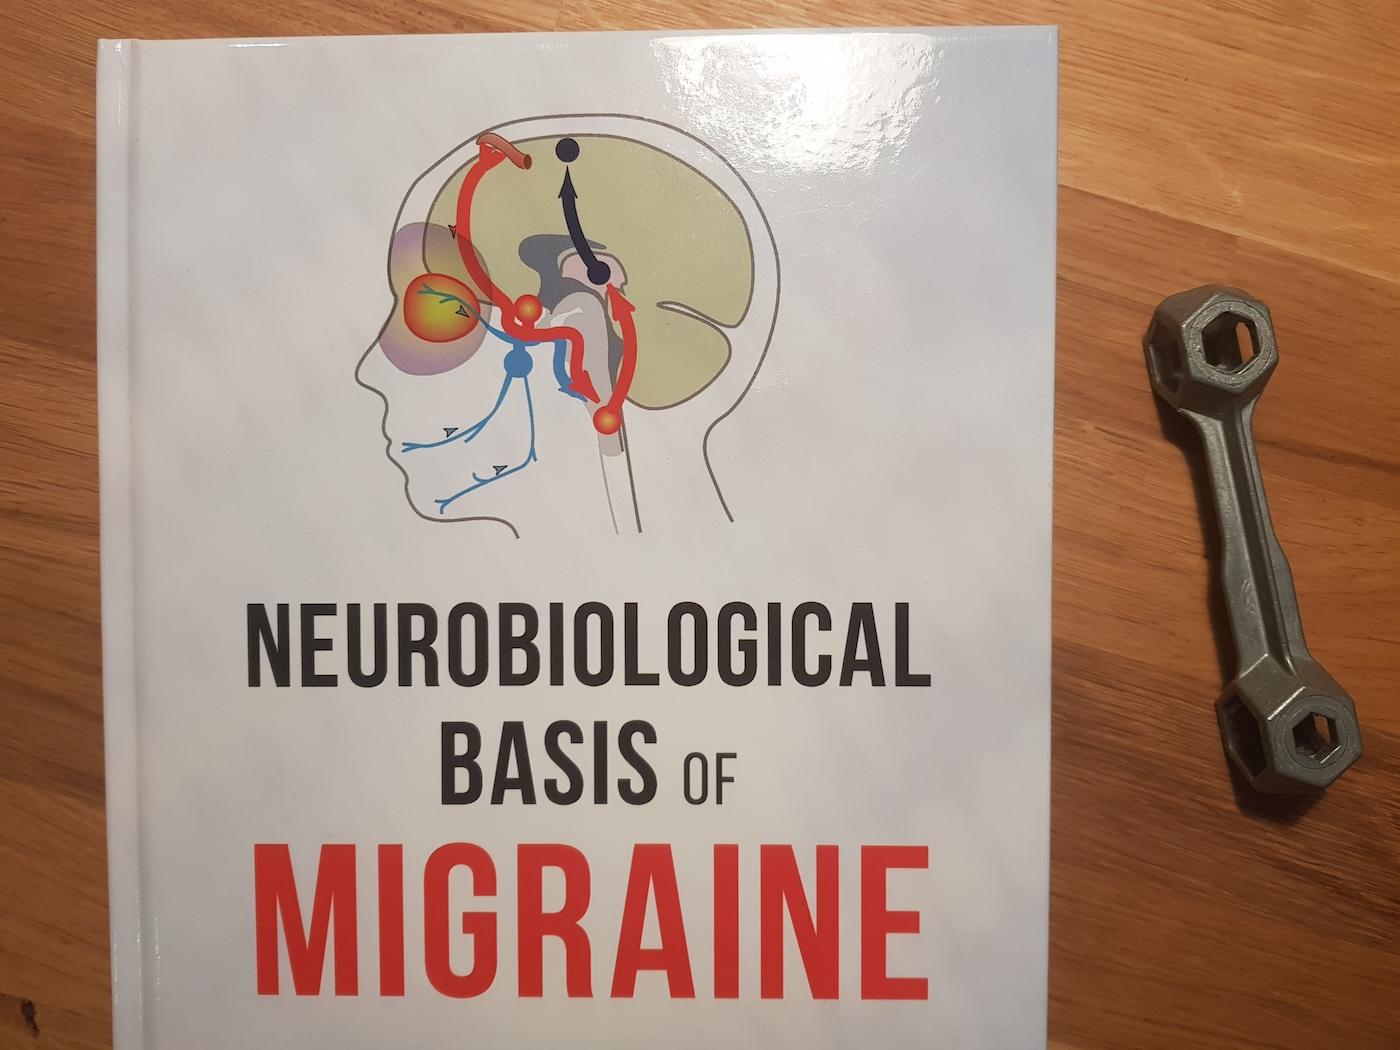 Graue Substanz » Migräne aus der technischen Forschungsperspektive ...